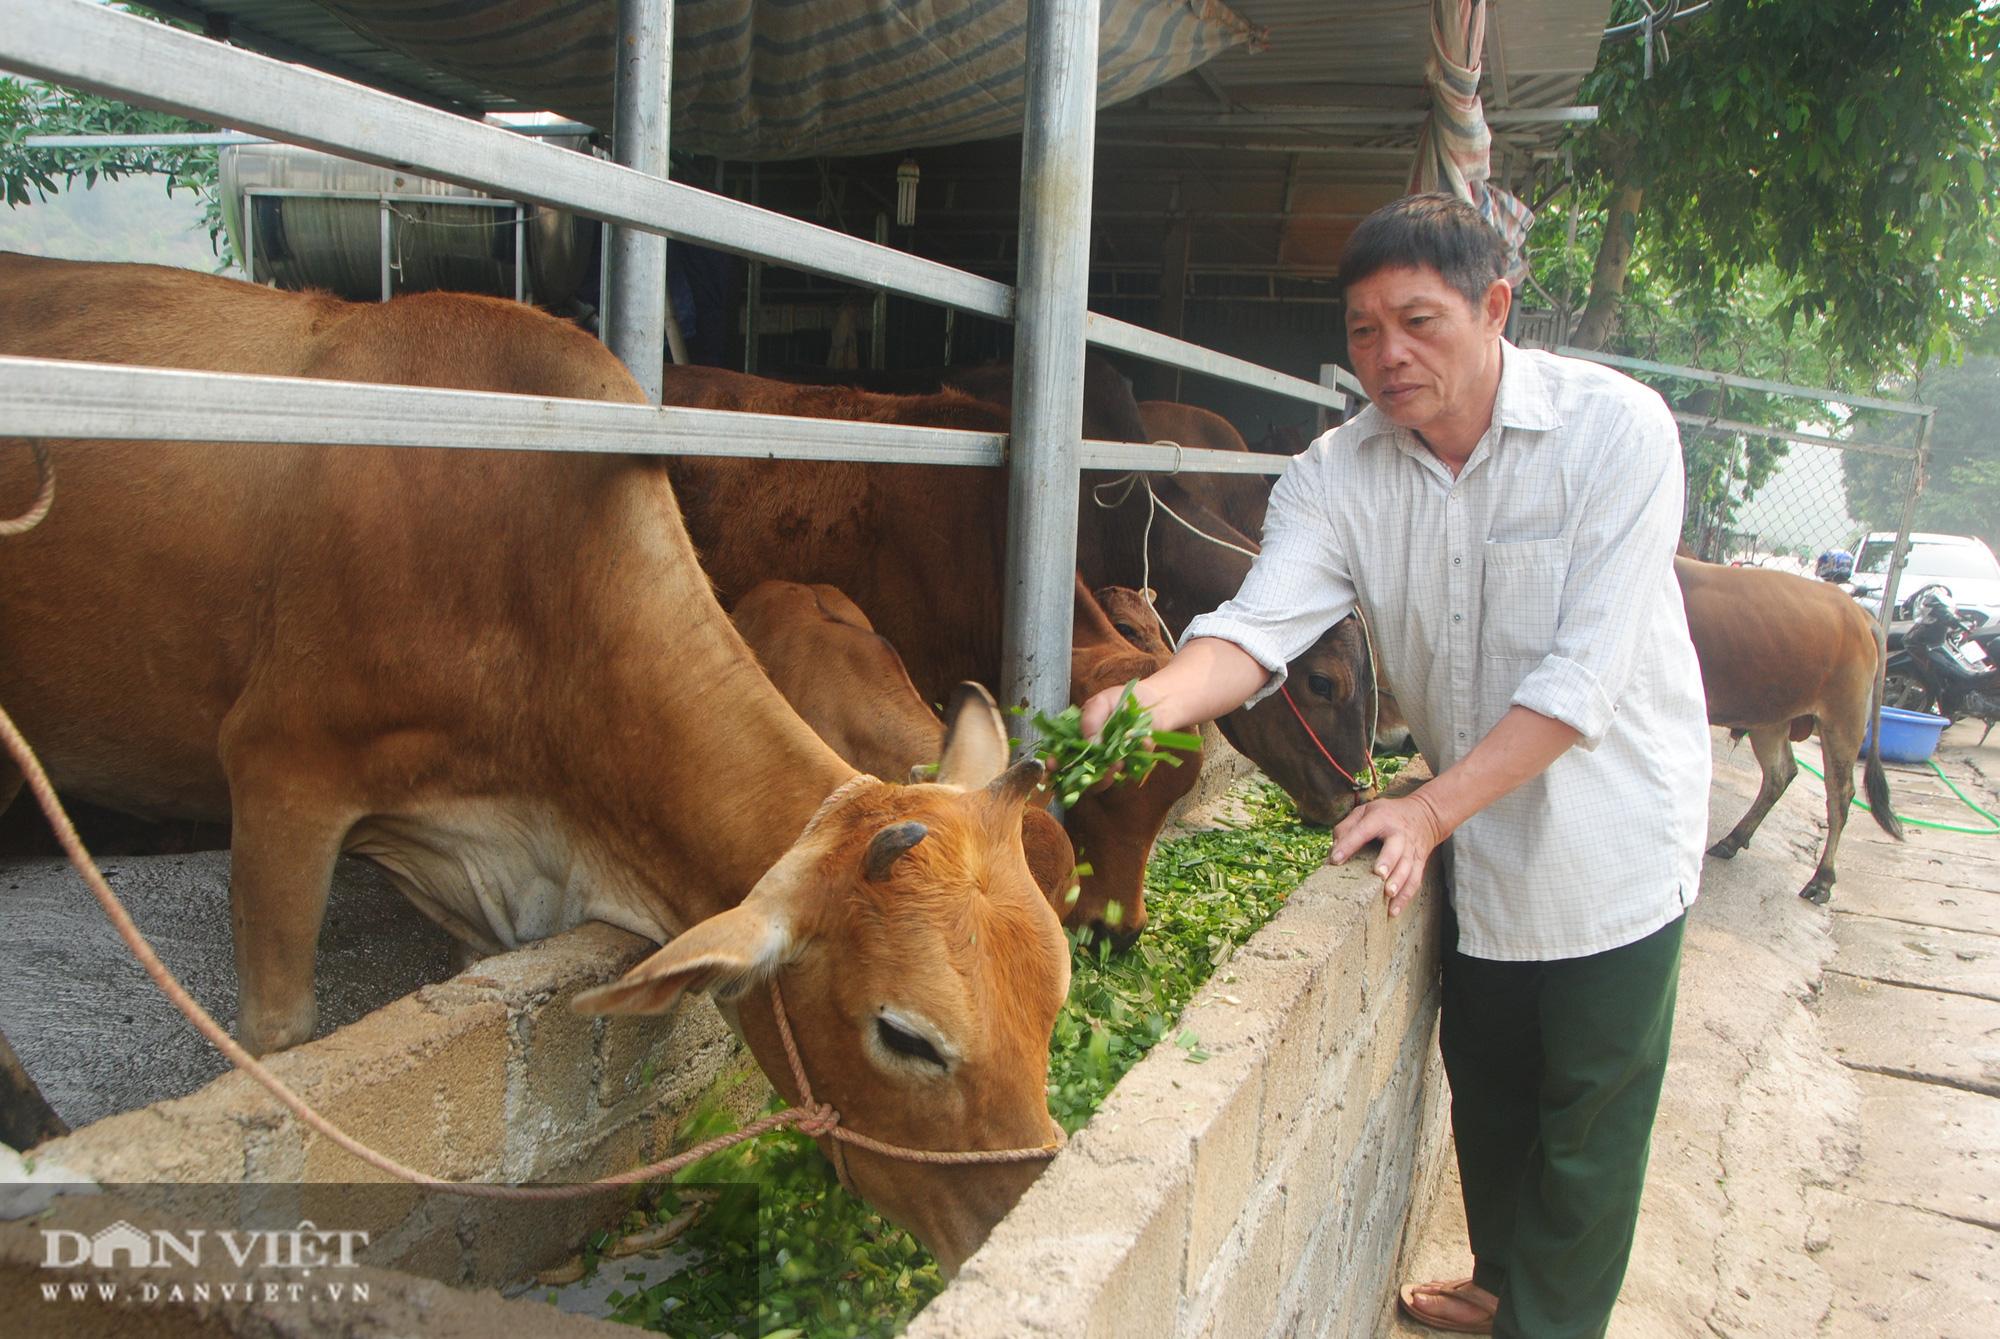 Biến bò gầy thành bò béo, cựu chiến binh kiếm hơn nửa tỷ - Ảnh 1.